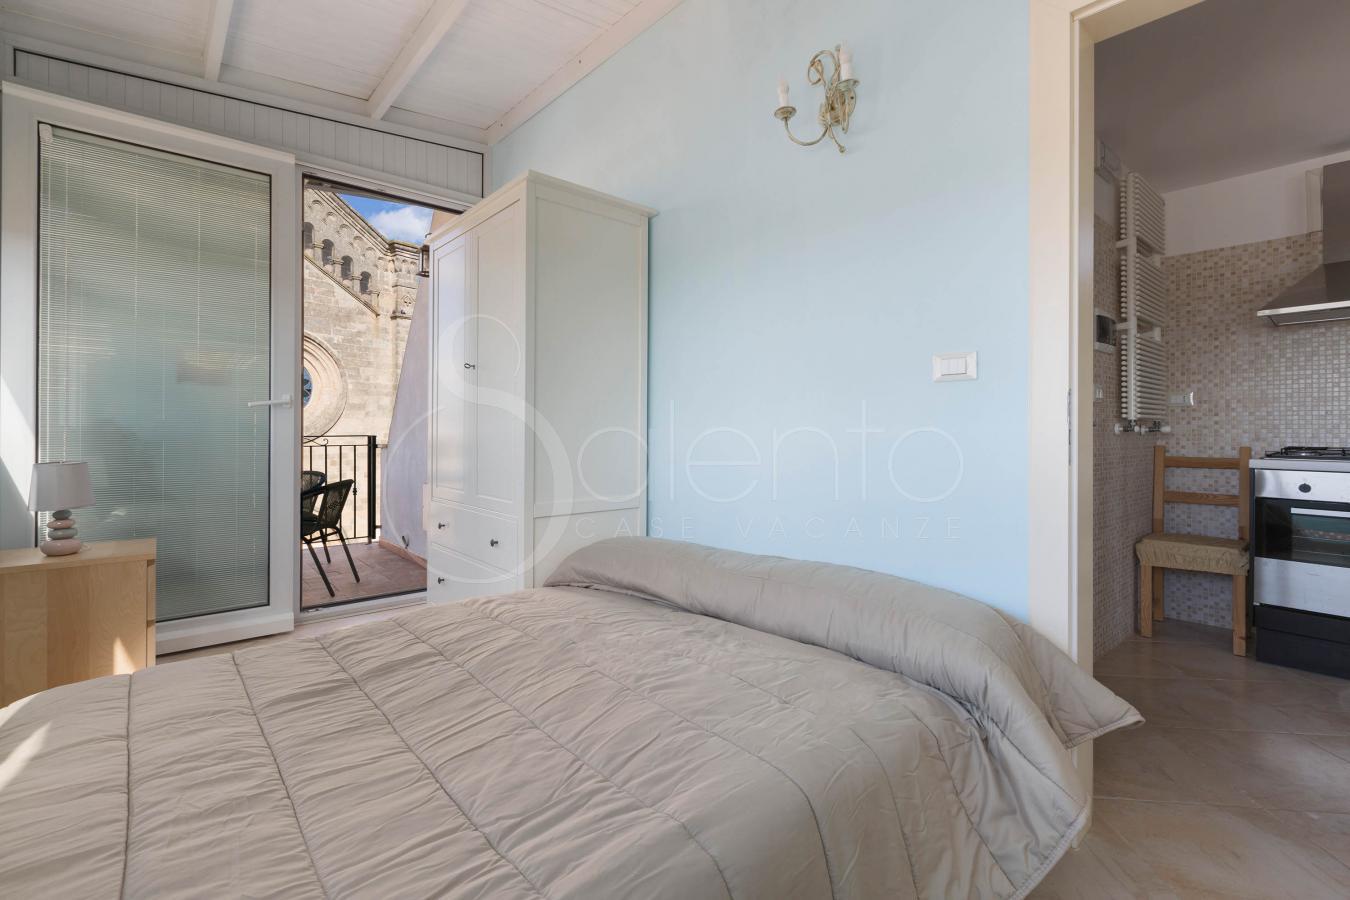 Casa per vacanze nel salento a corsano trilocale astrea for Camera dei sogni